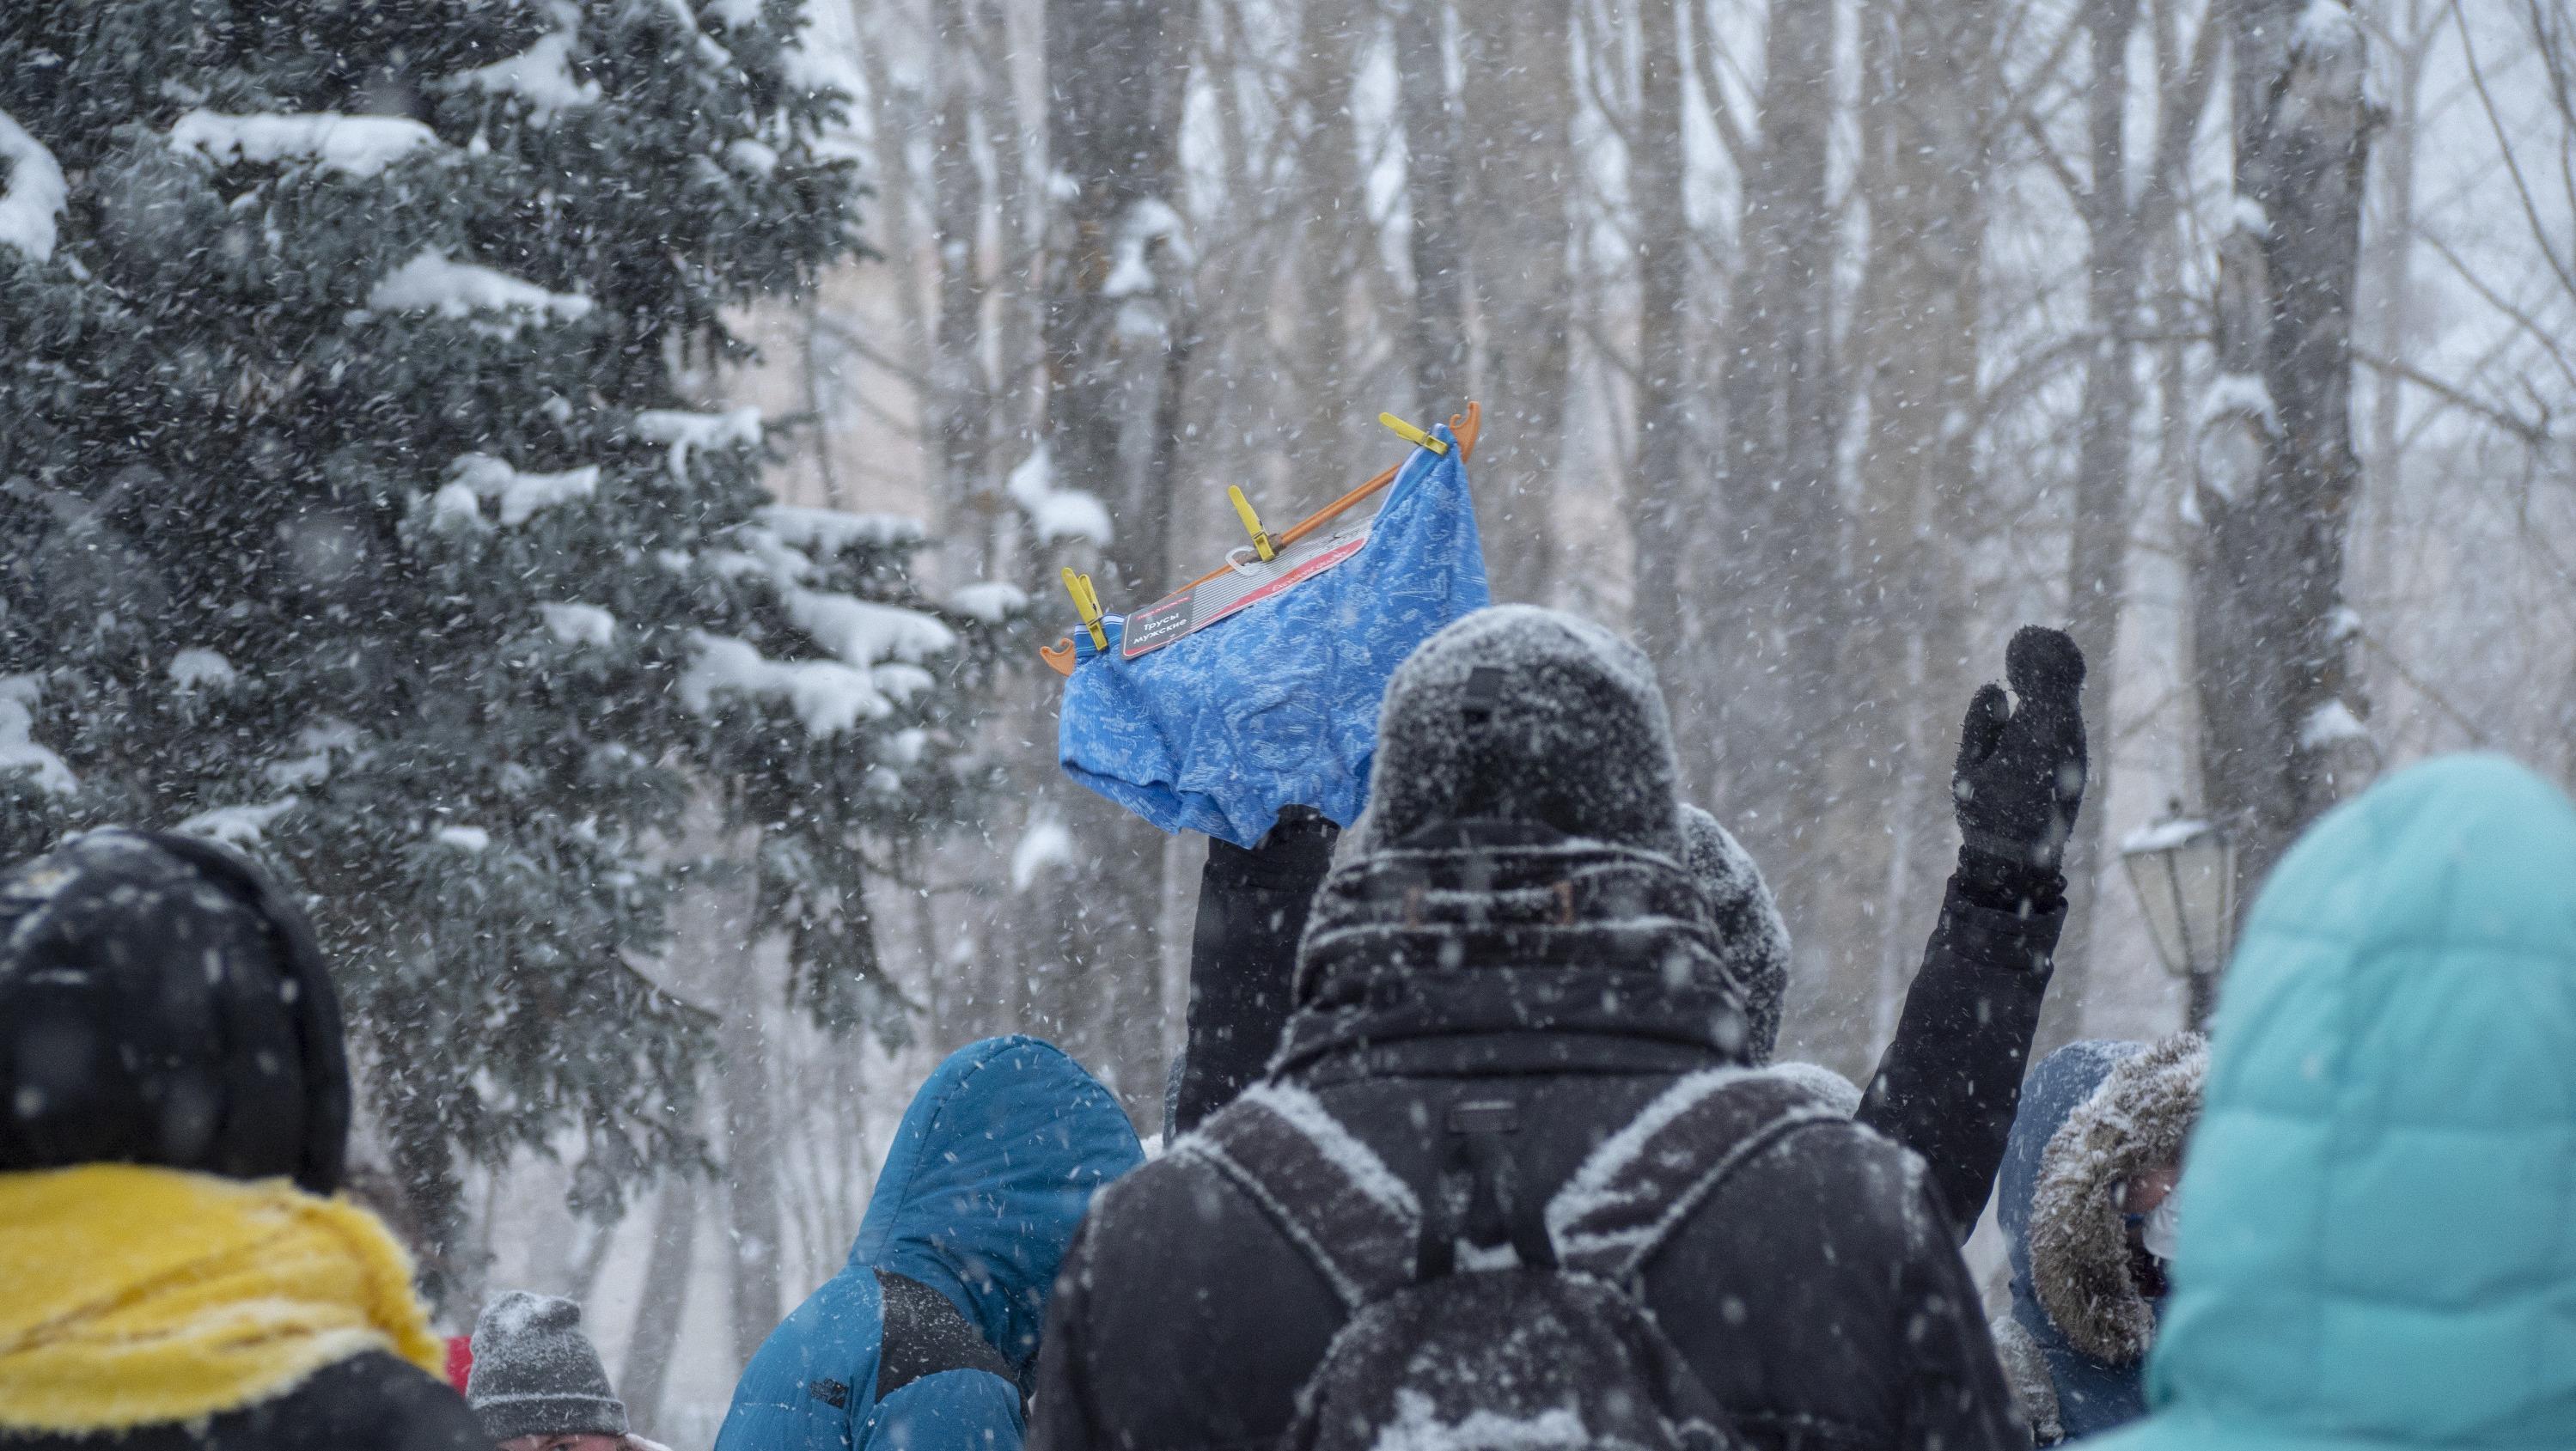 """Кто-то принес в знак протеста синие трусы — это отсылка к <a href=""""https://29.ru/text/politics/2020/12/21/69647061/"""" target=""""_blank"""" class=""""_"""">истории с отравлением Алексея Навального</a>"""